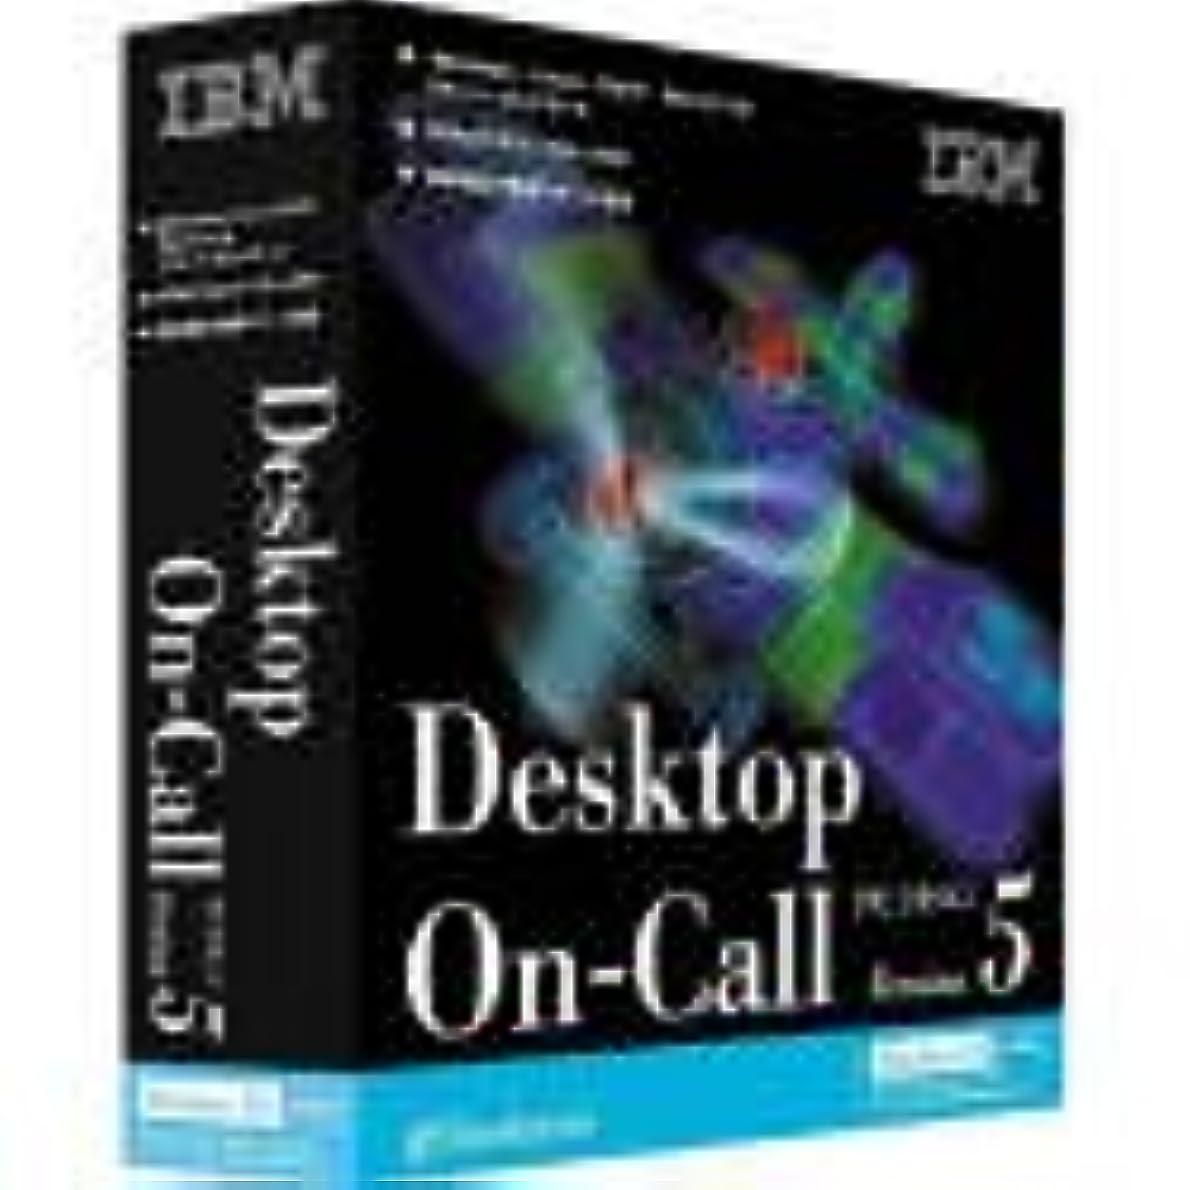 使い込むホーム解説Desktop On-Call Version 5 PCリモコン